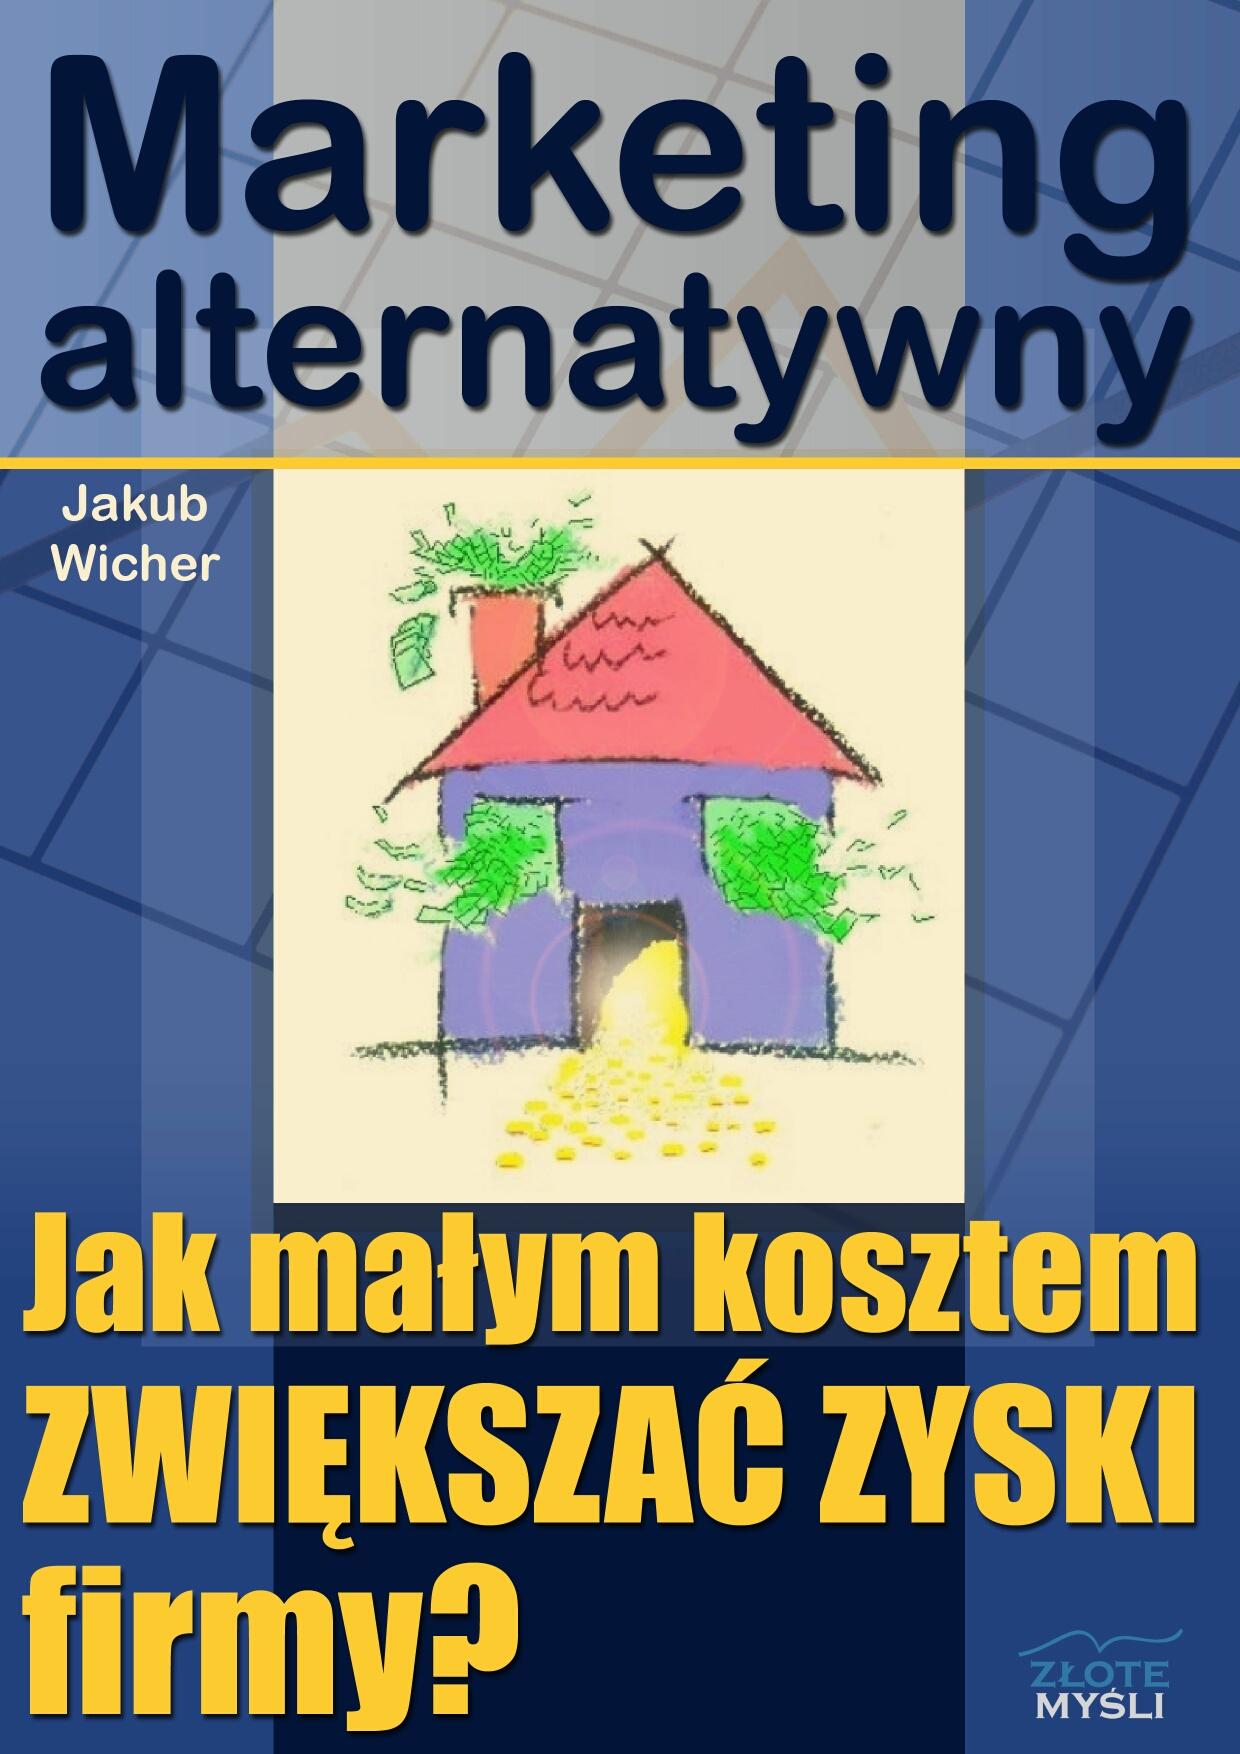 Jakub Wicher: Marketing alternatywny - okładka